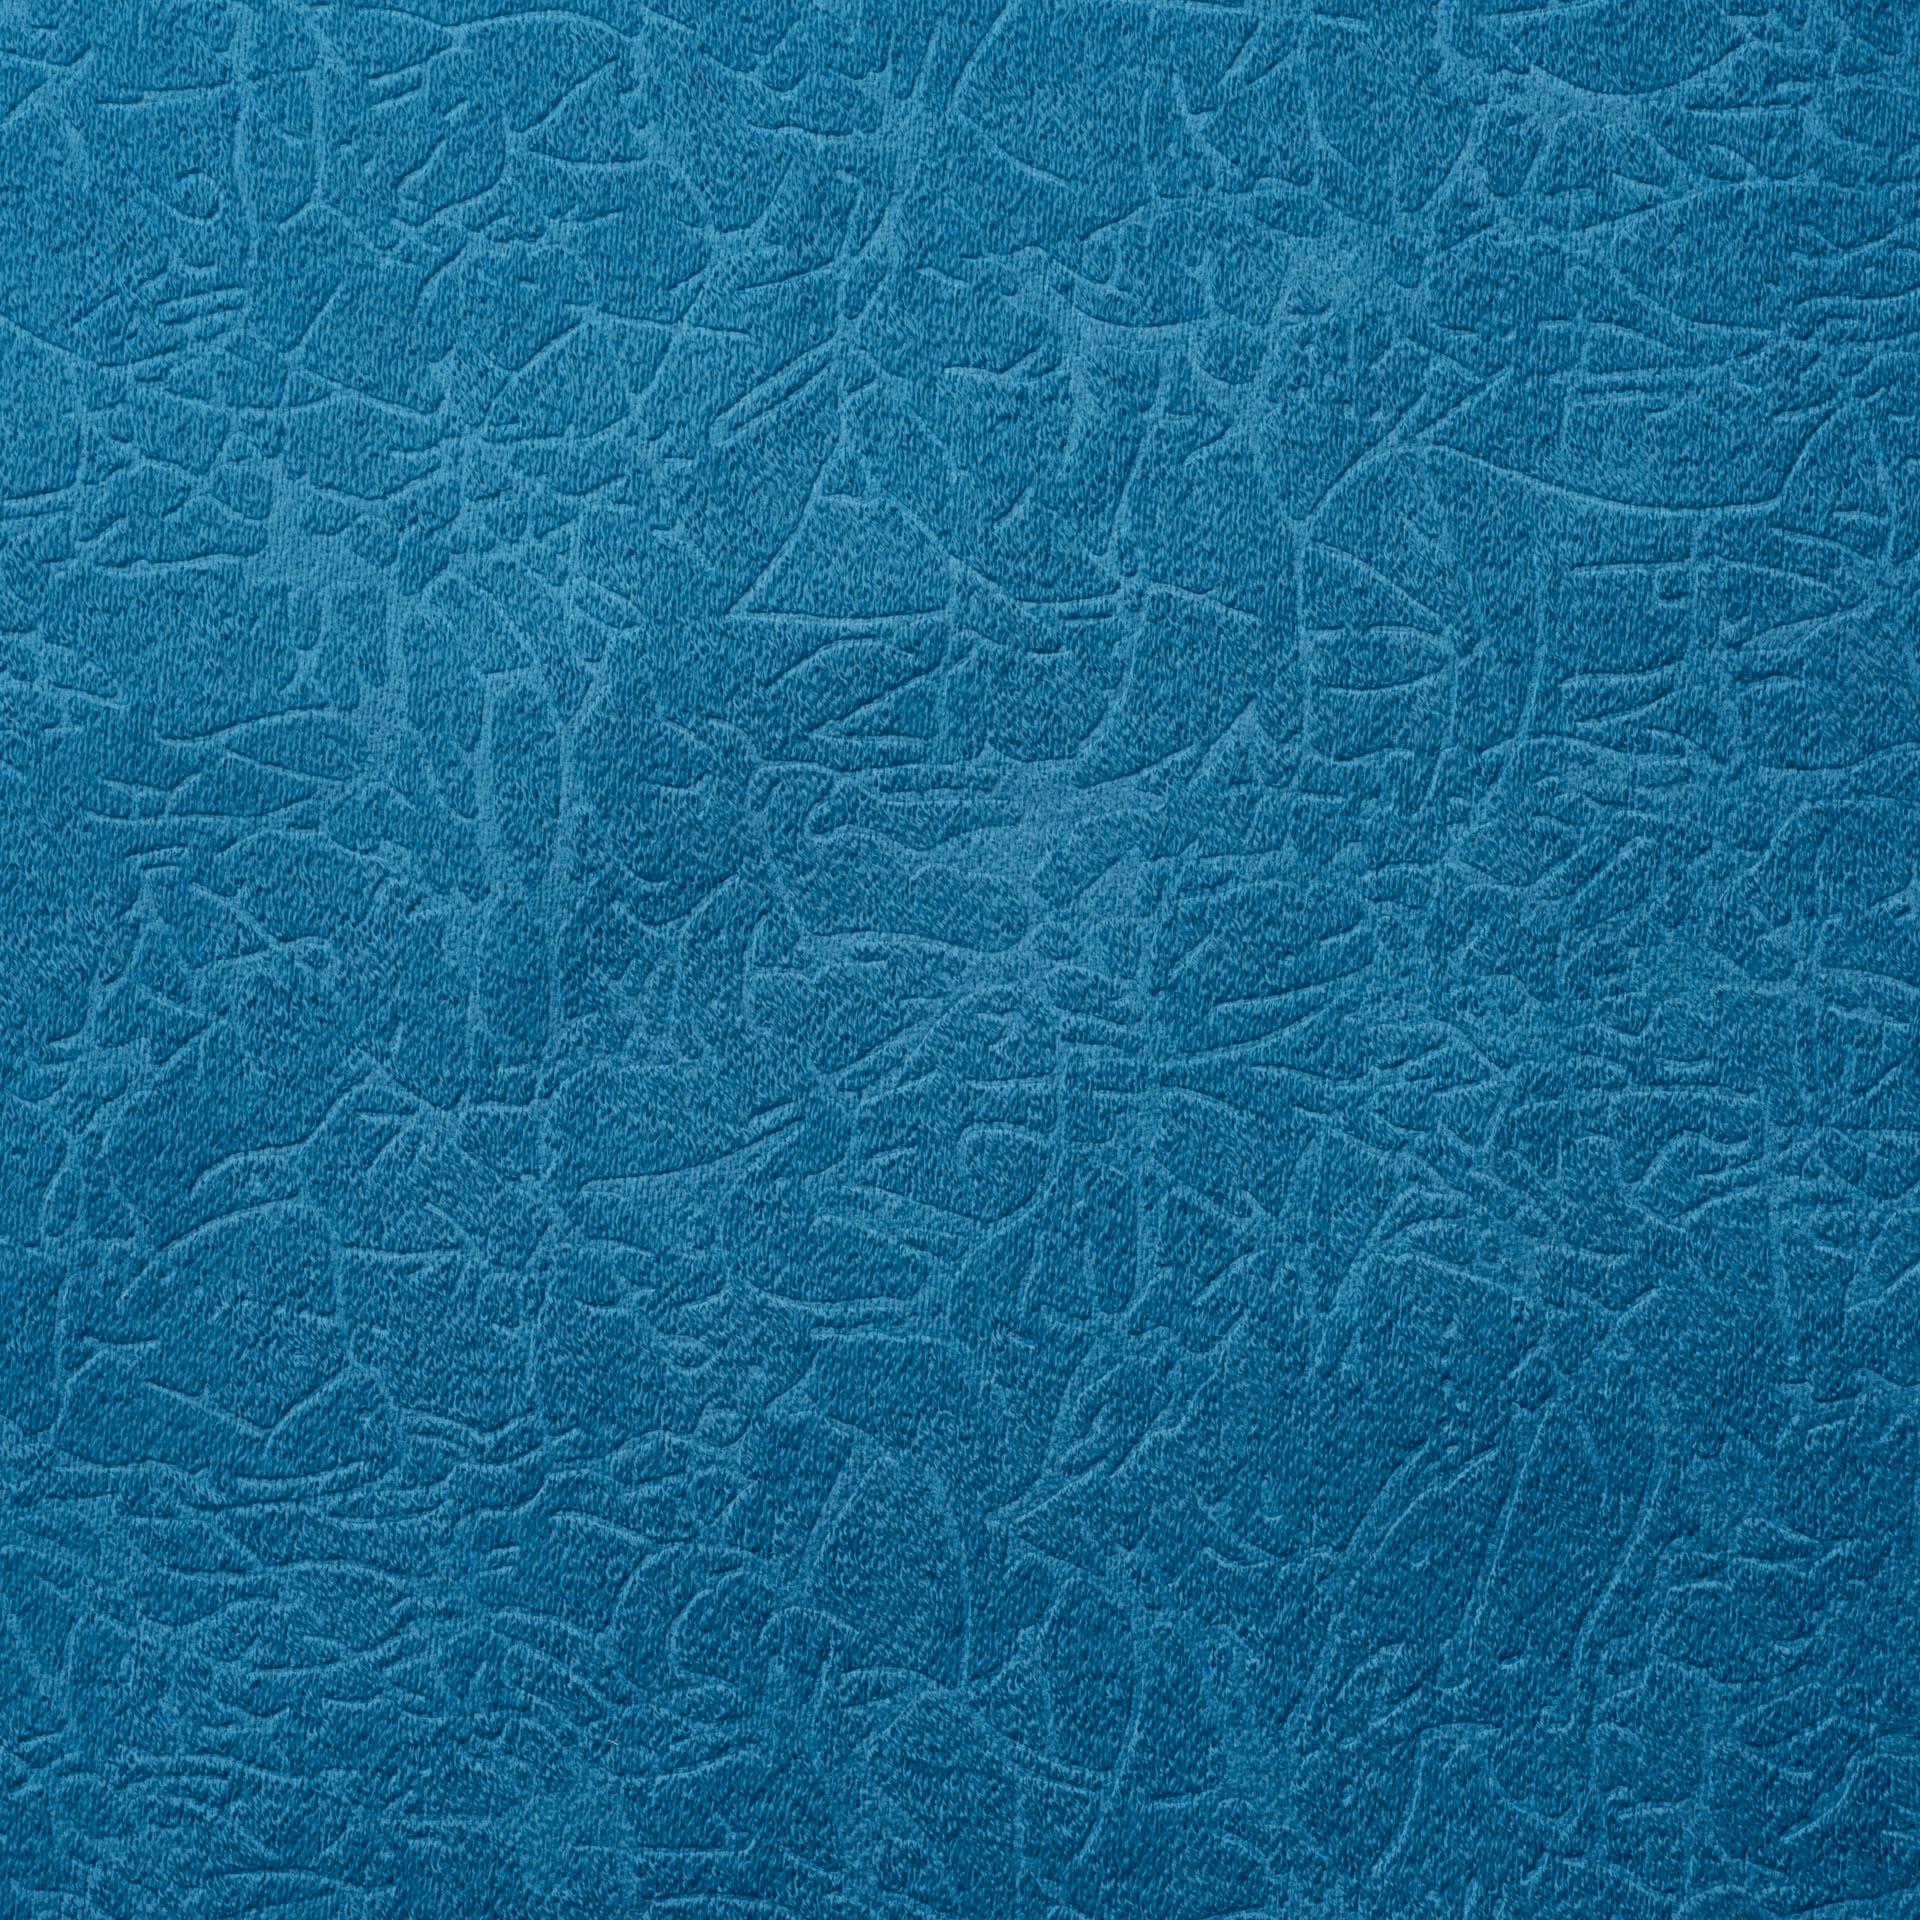 Коллекция ткани Пленет 22 BLUE,  купить ткань Велюр для мебели Украина